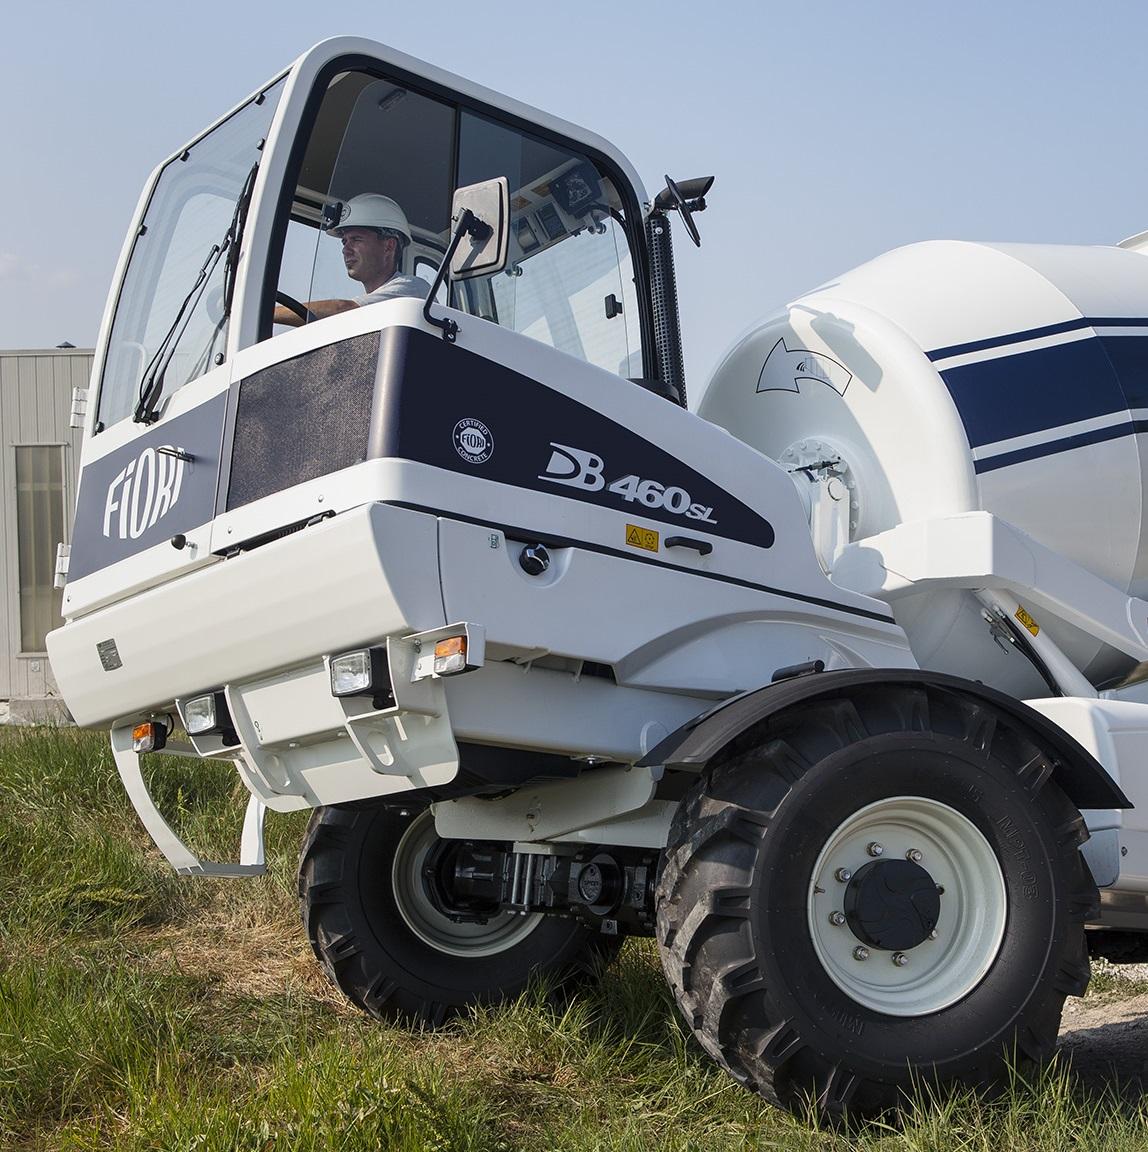 Fiori 460 Cbv.Db 460 Self Loading Concrete Mixer Fiori Group